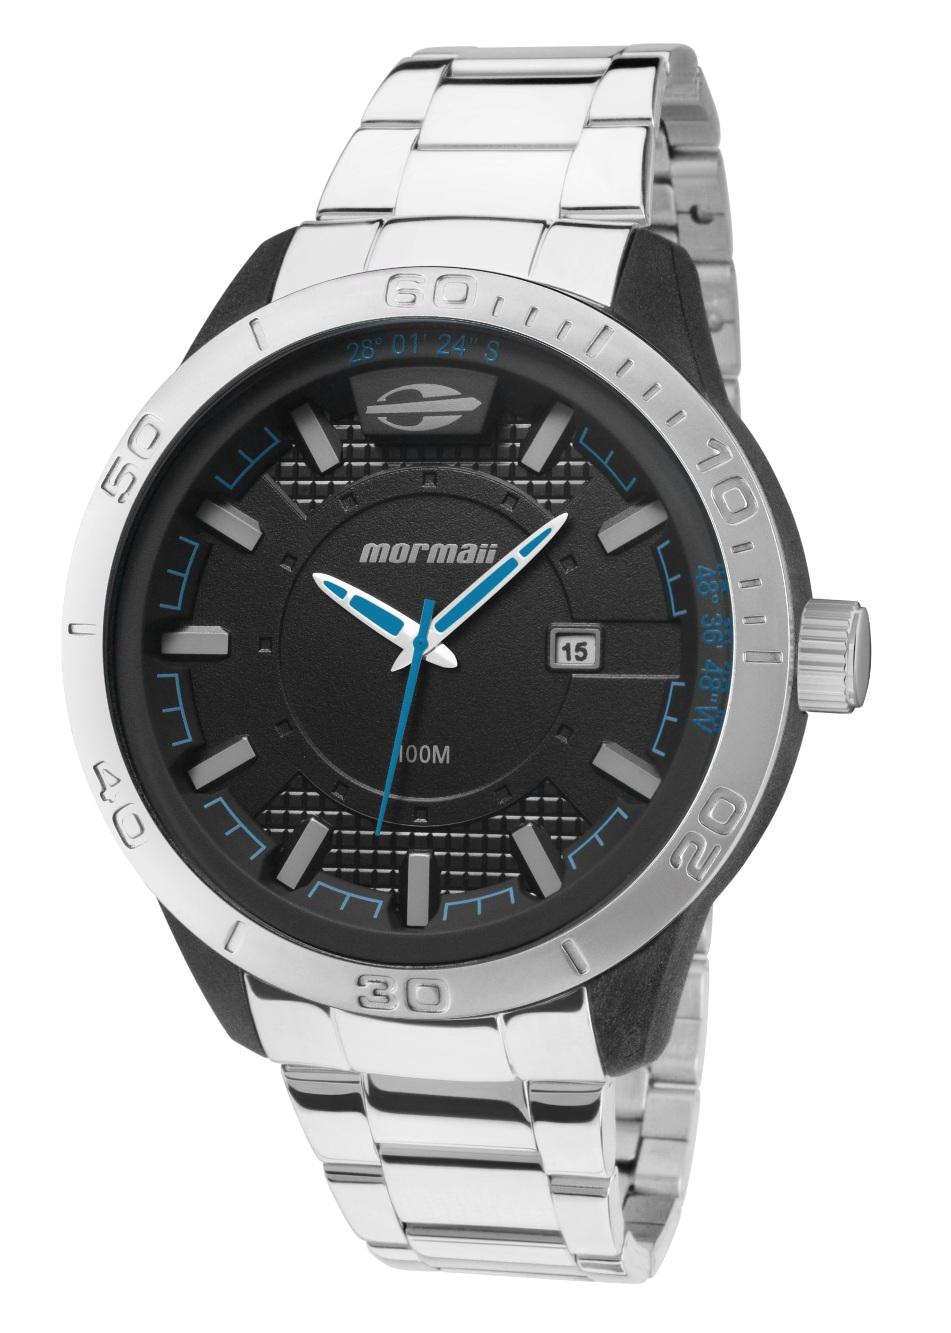 d3739ac259cc3 Mormaii lança nova linha de relógios